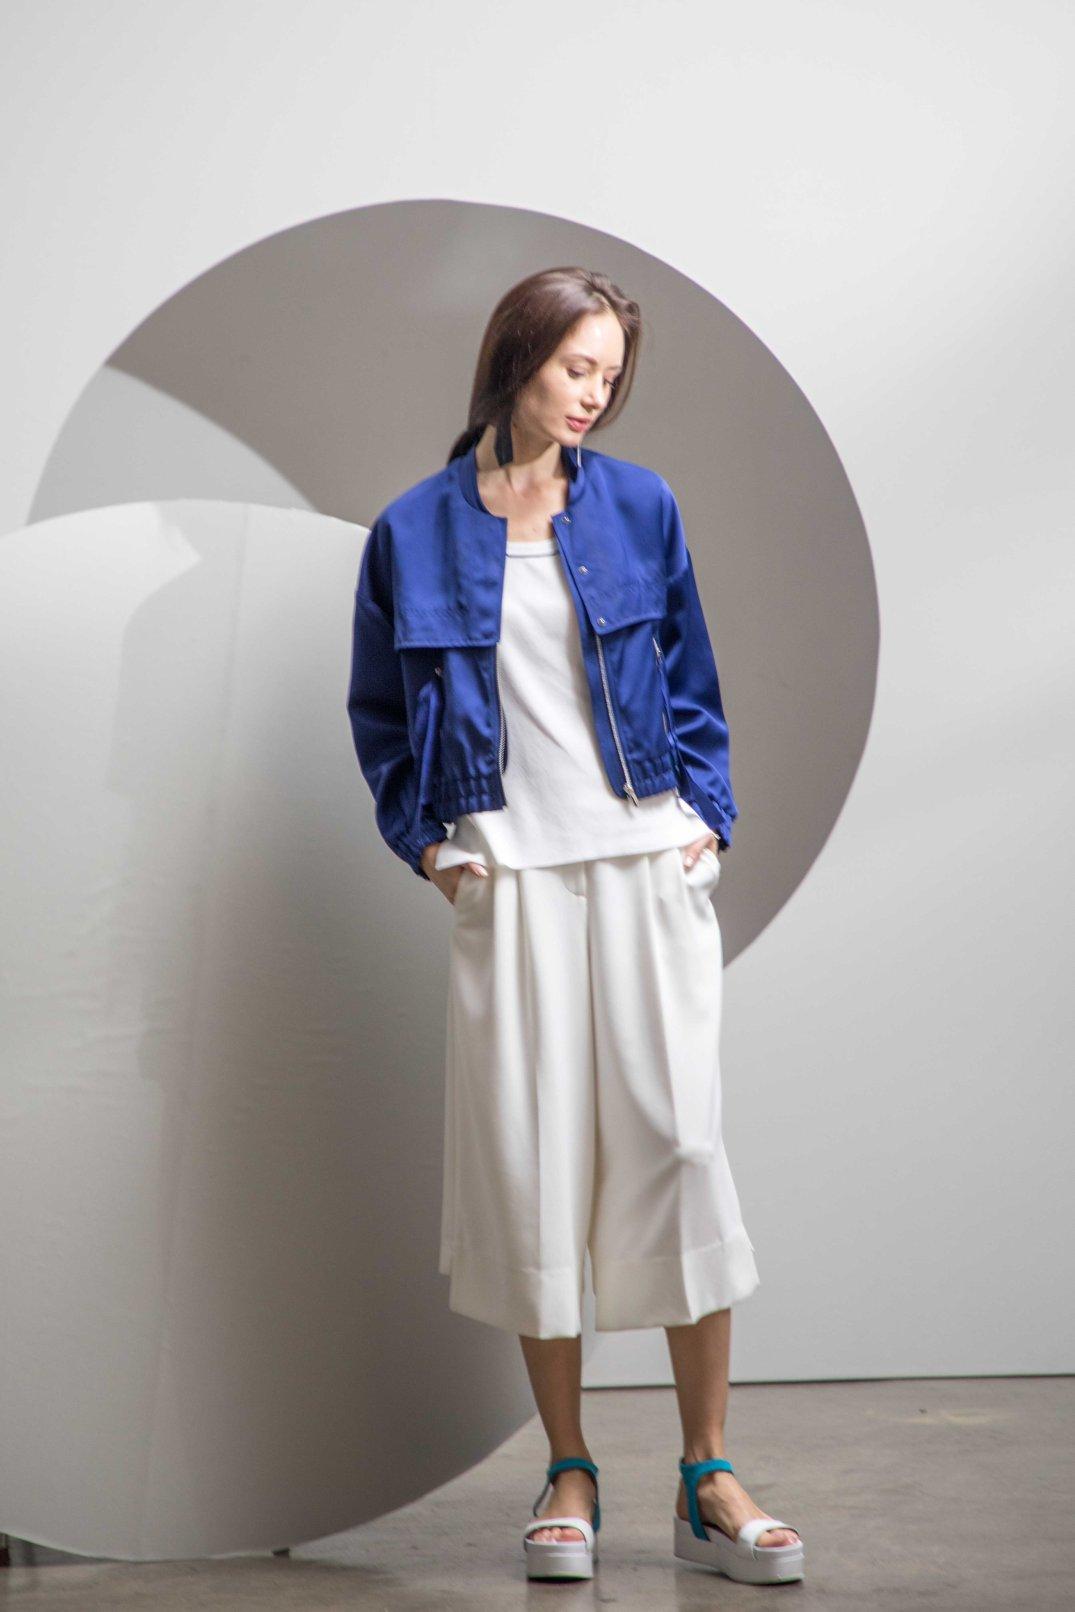 時裝服裝攝影 fashion Photography_-5